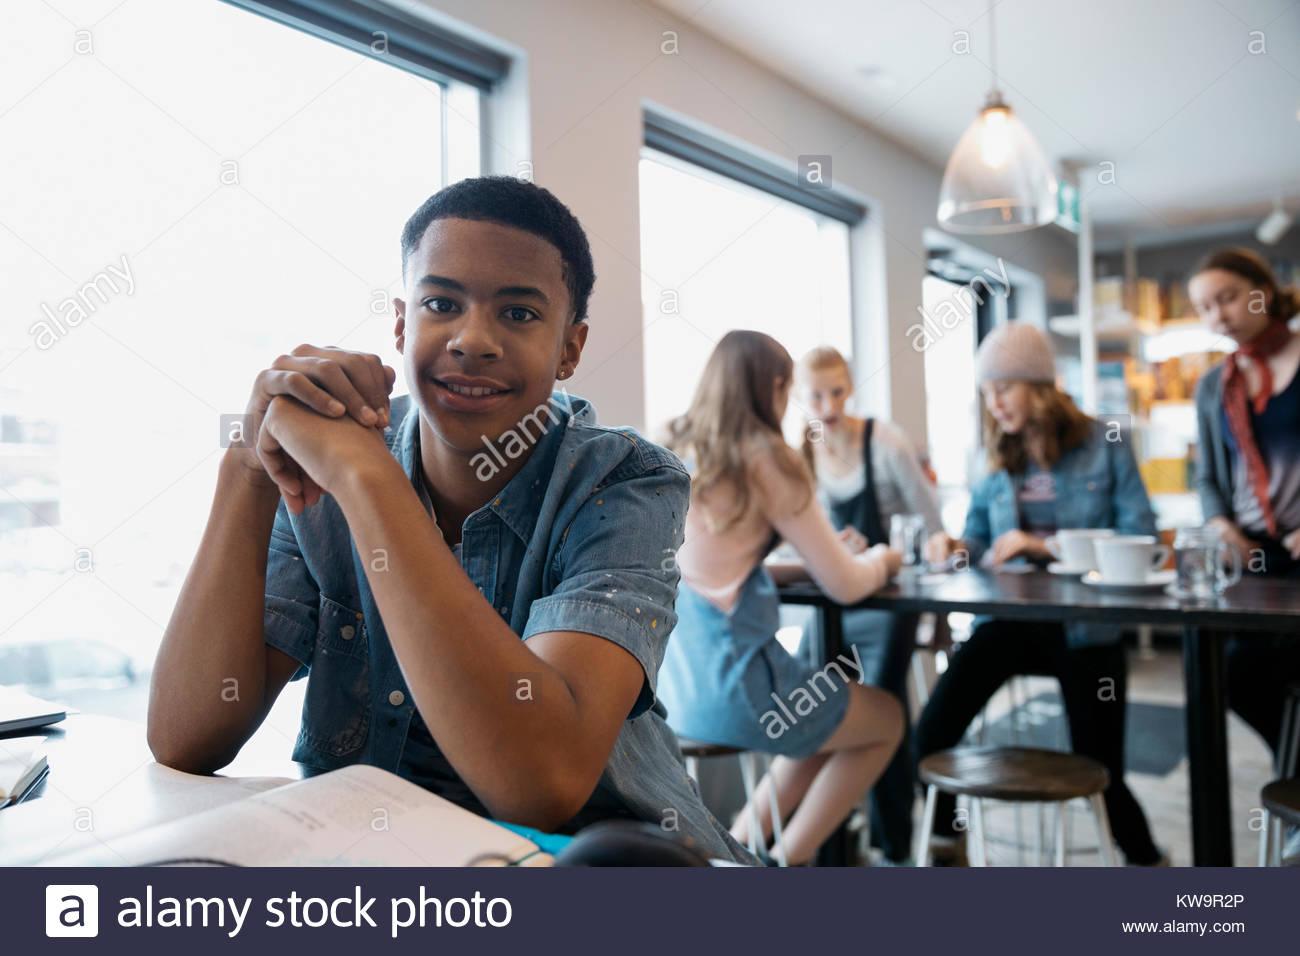 Retrato confianza high school americano africano joven estudiante en cafe Imagen De Stock